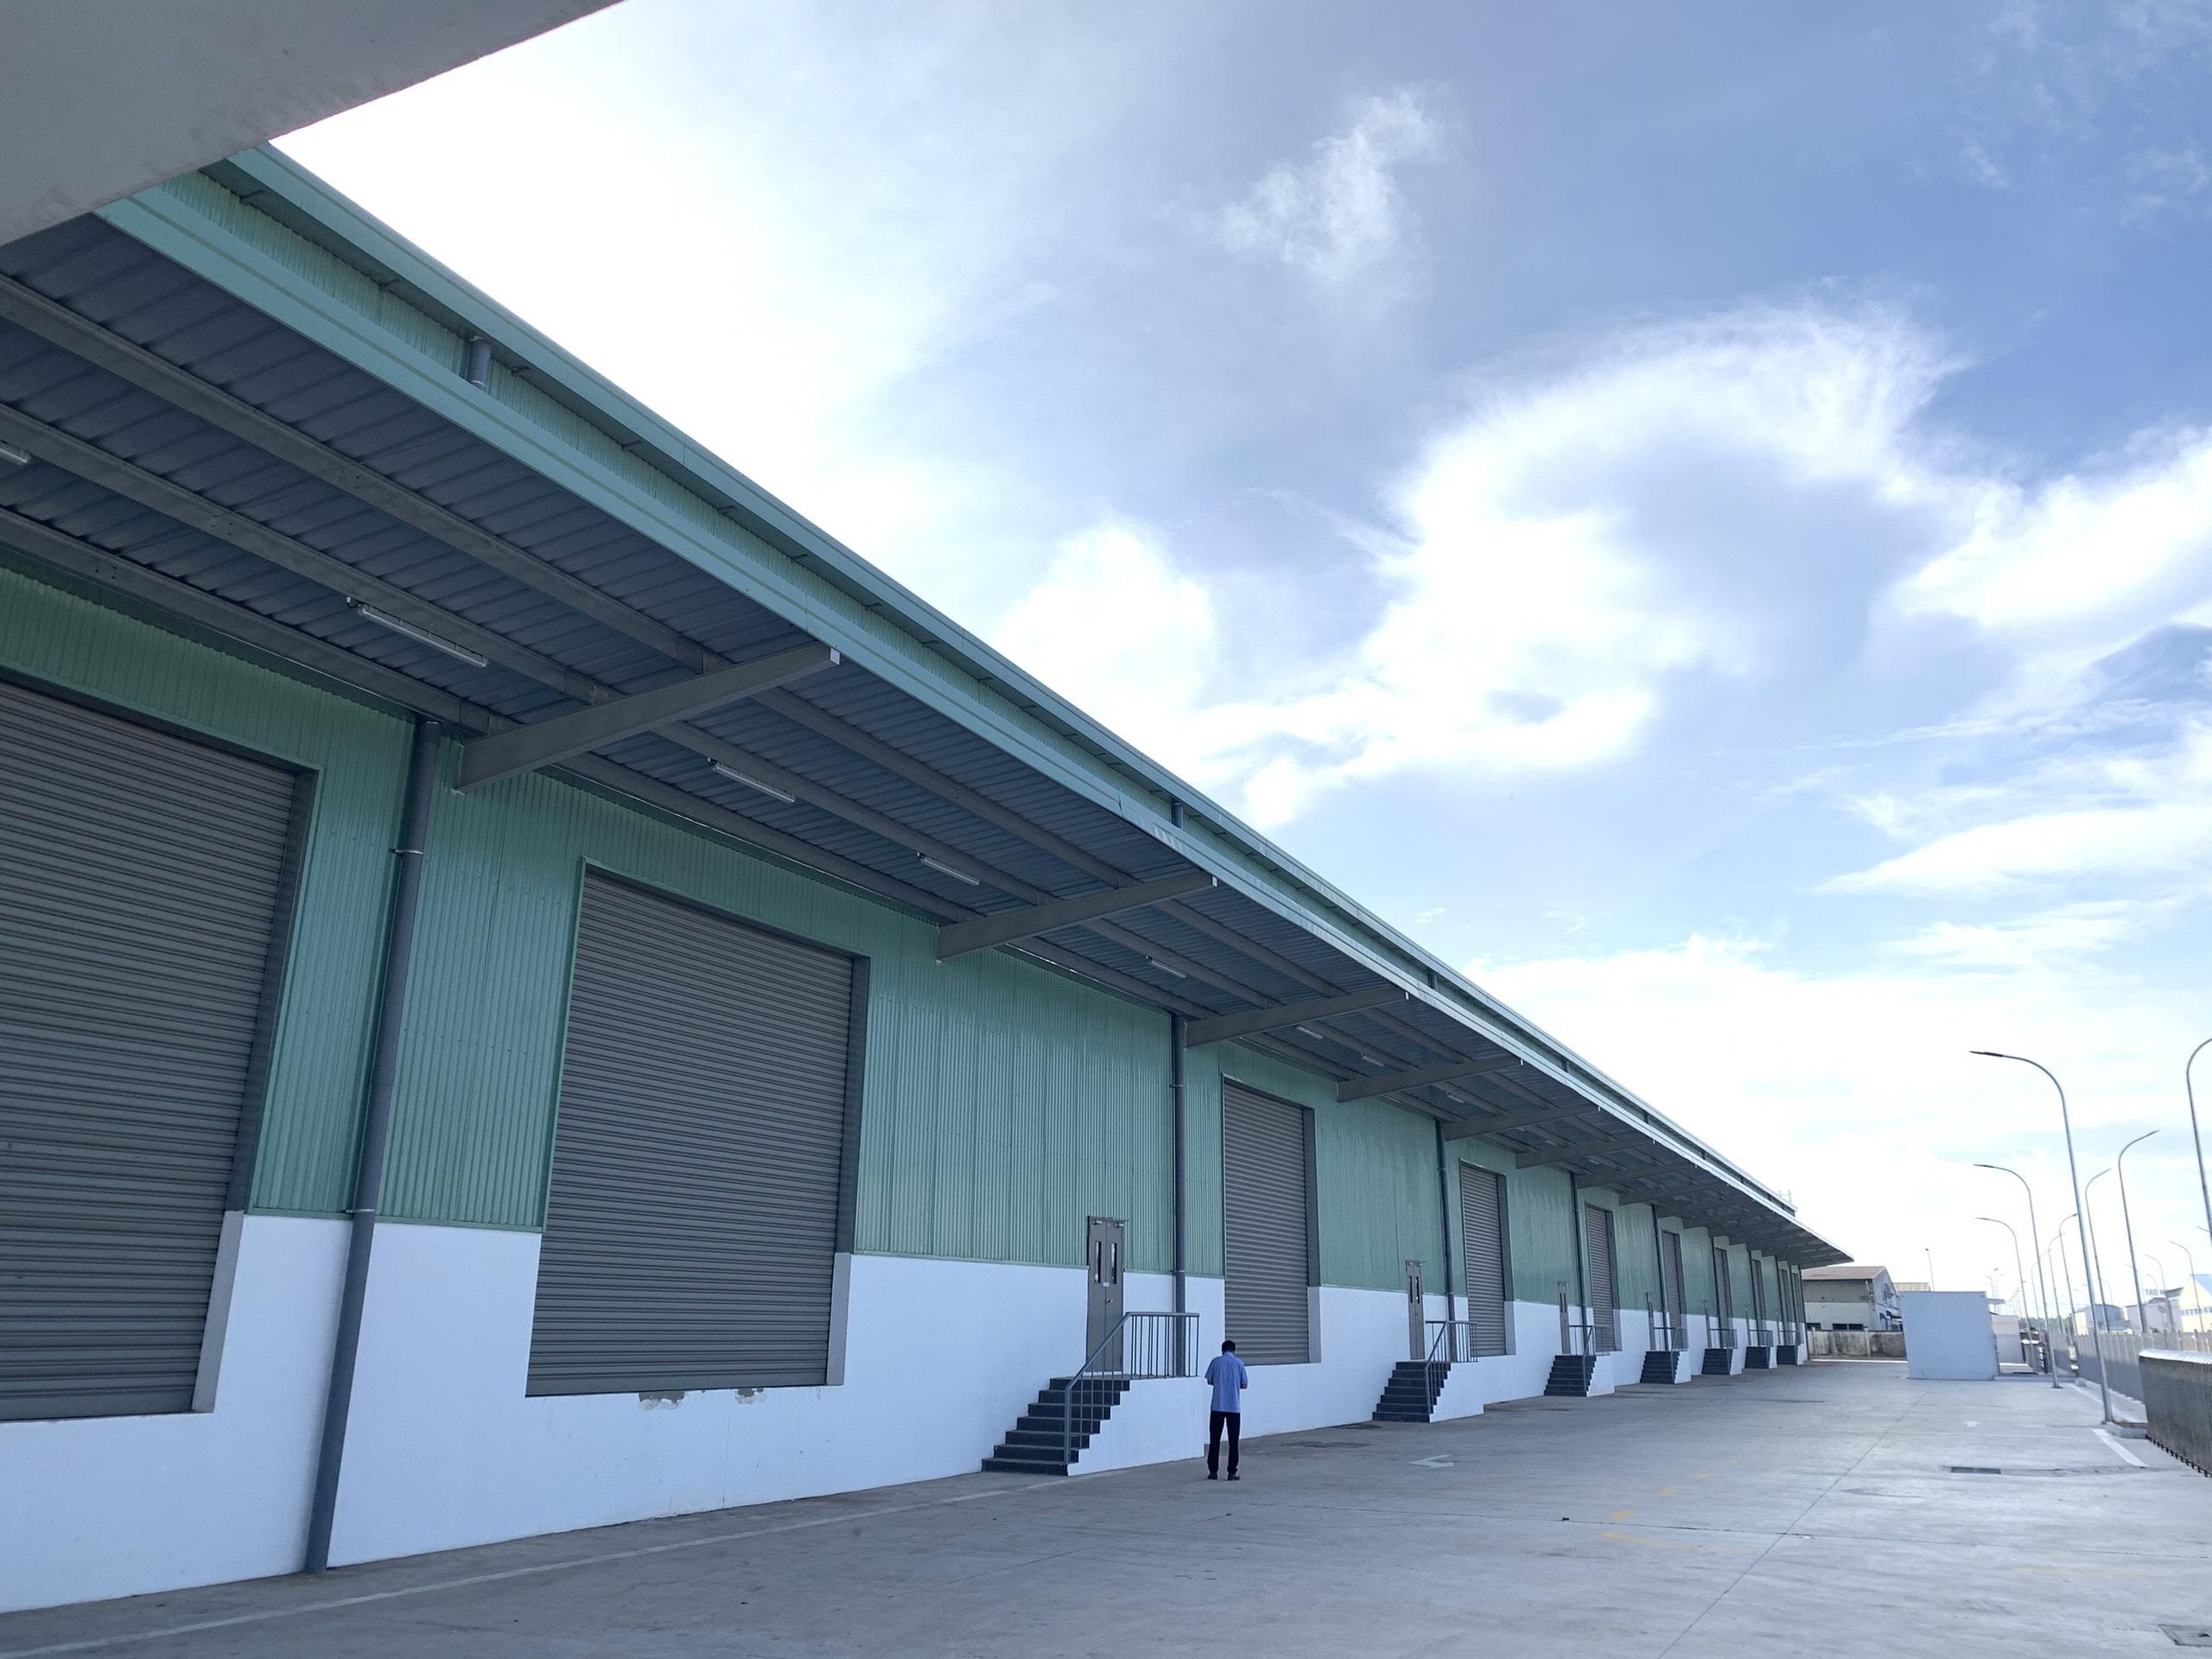 Cho thuê đất trống, kho, nhà xưởng diện tích 7000m2 tại KCN Đài Tư, Long Biên đầy đủ pháp lý, pccc